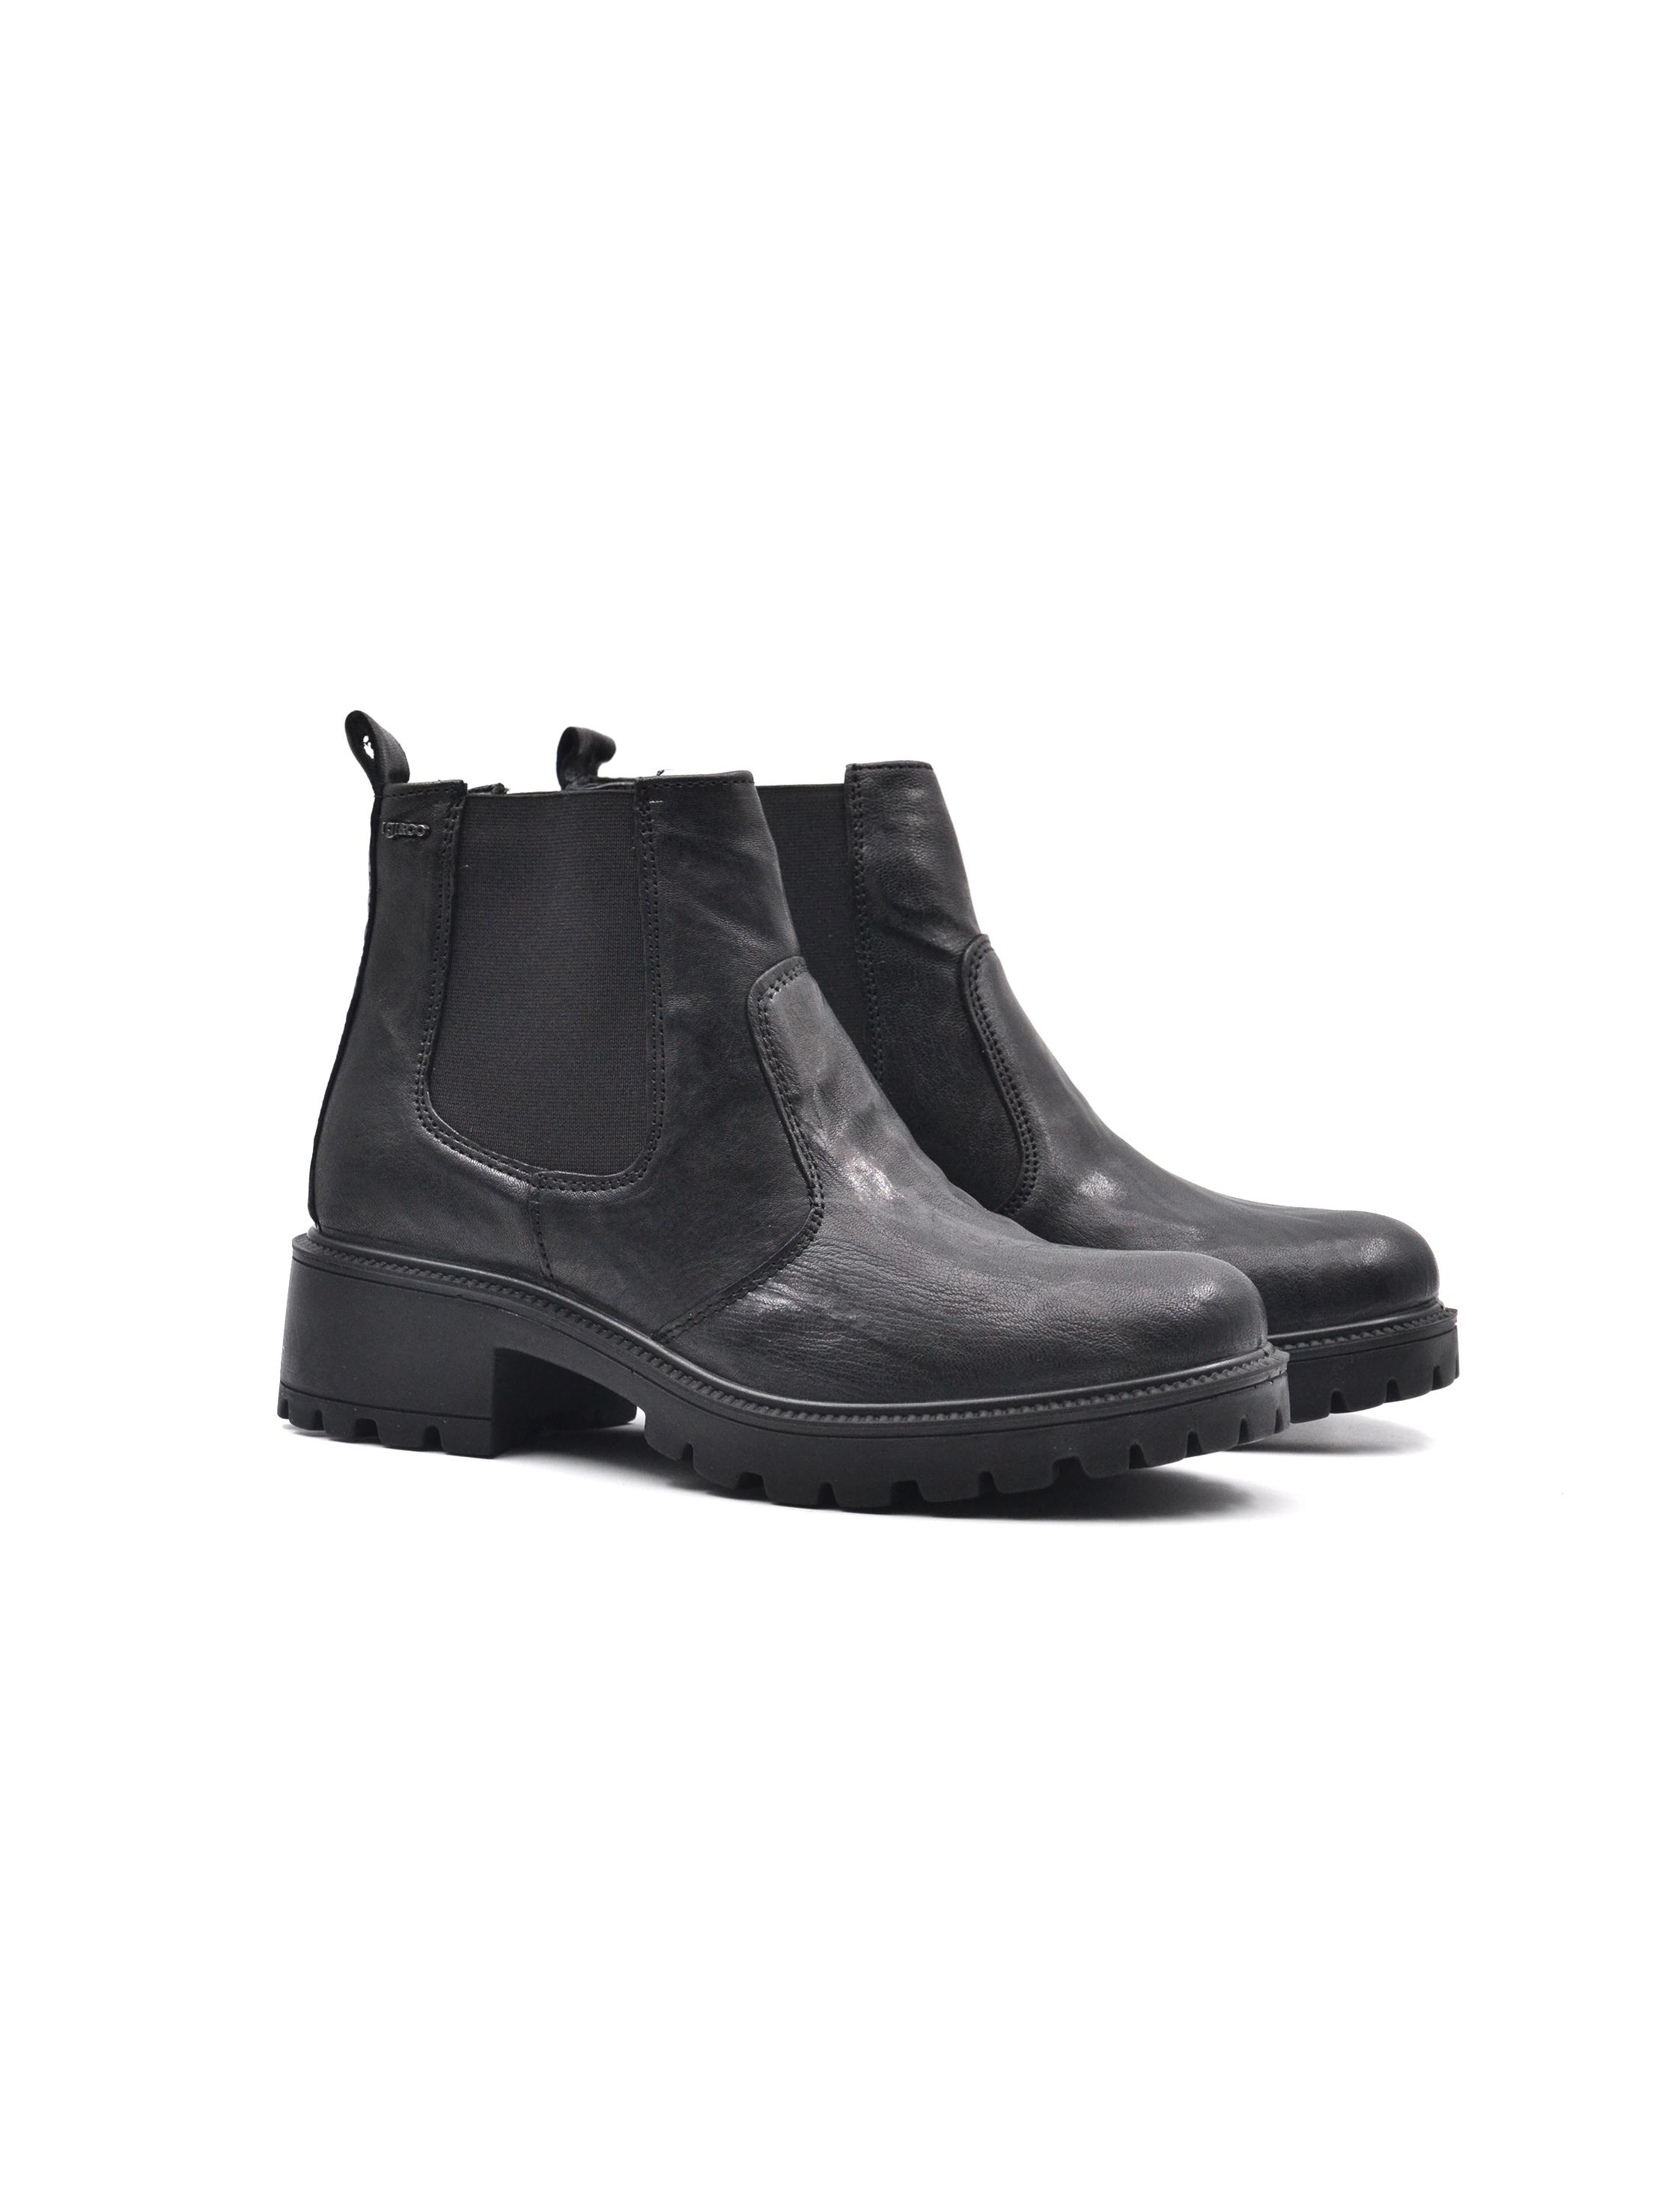 Nuove scarpe da moda IGI&CO Chelsea in pelle nera con